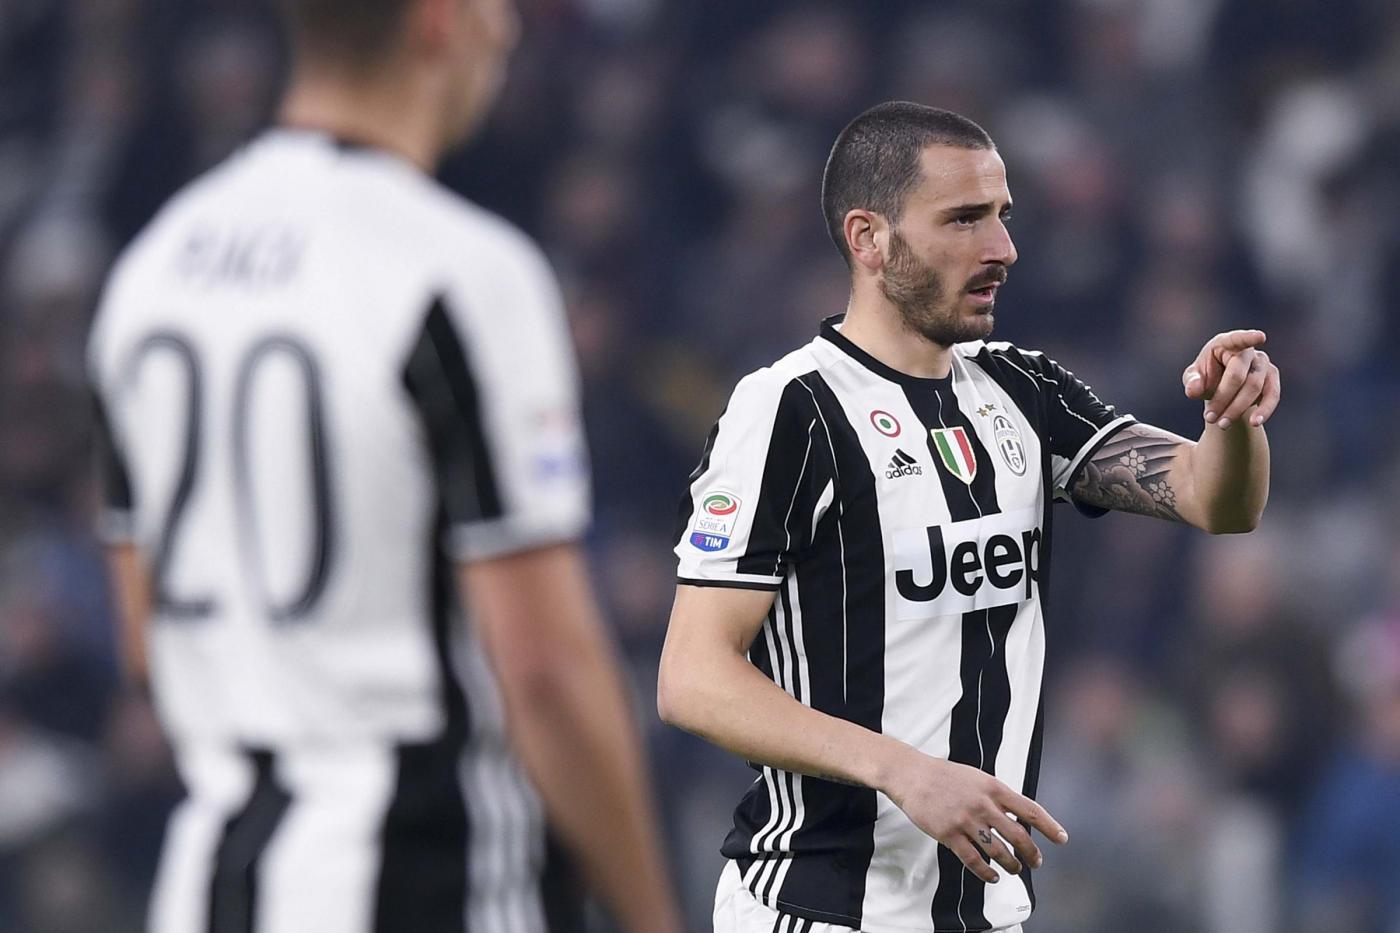 Juventus, Allegri, battibecco con Bonucci? Cose che capitano